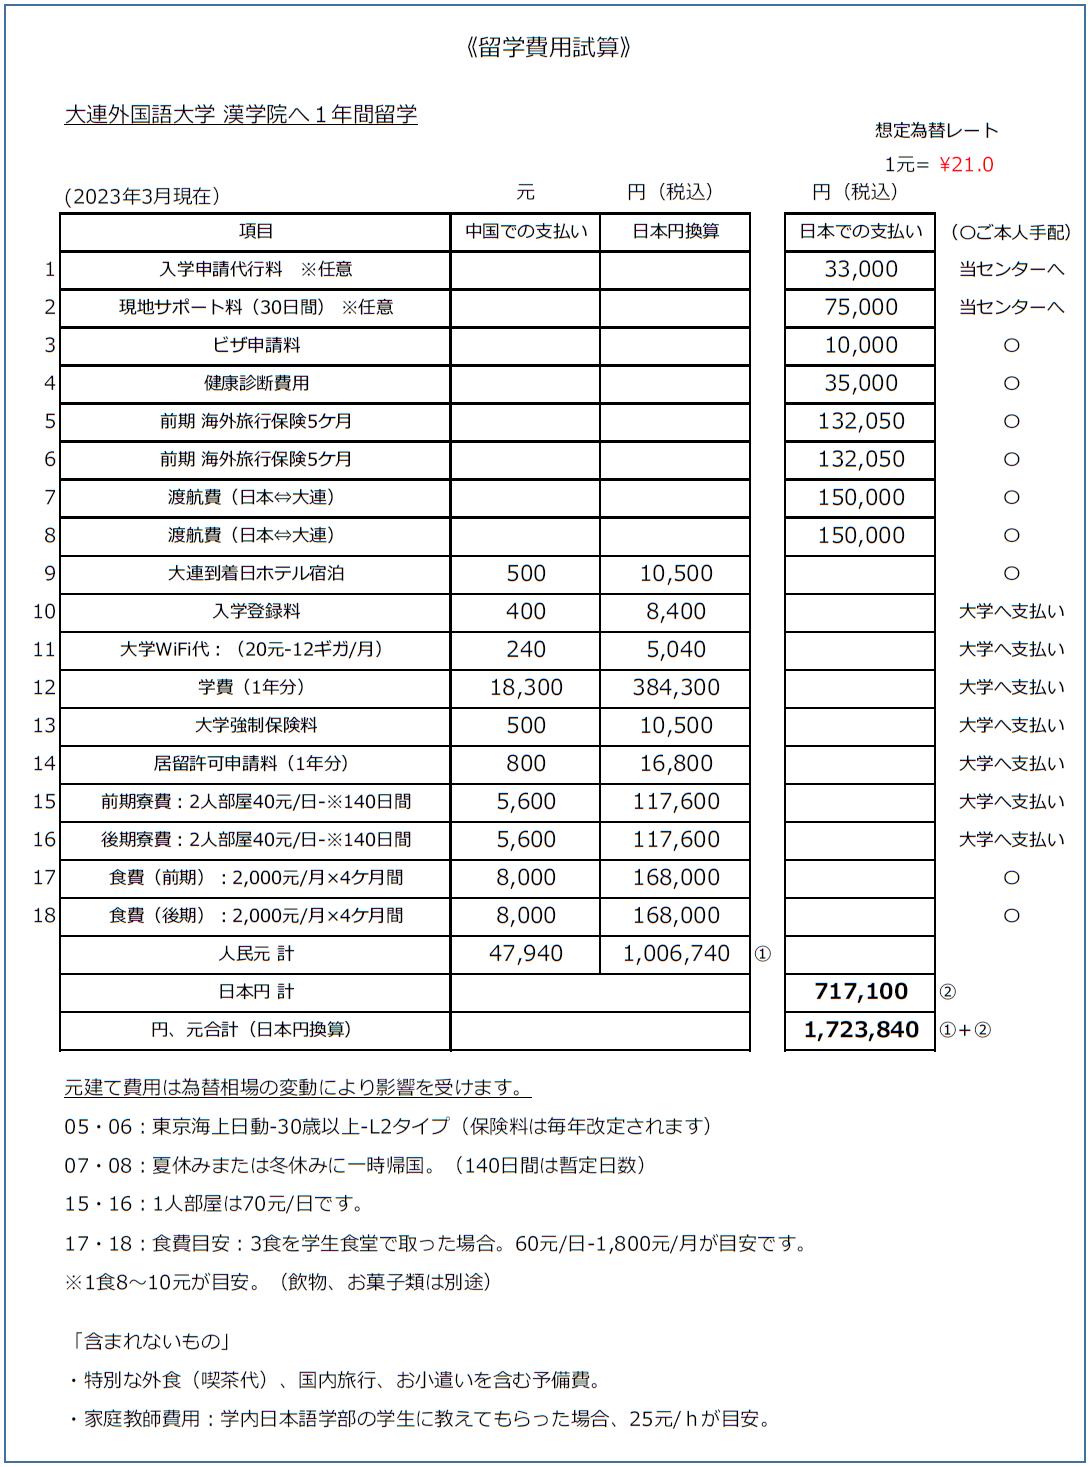 中国北京大連上海留学 留学1年概算費用 見積もり